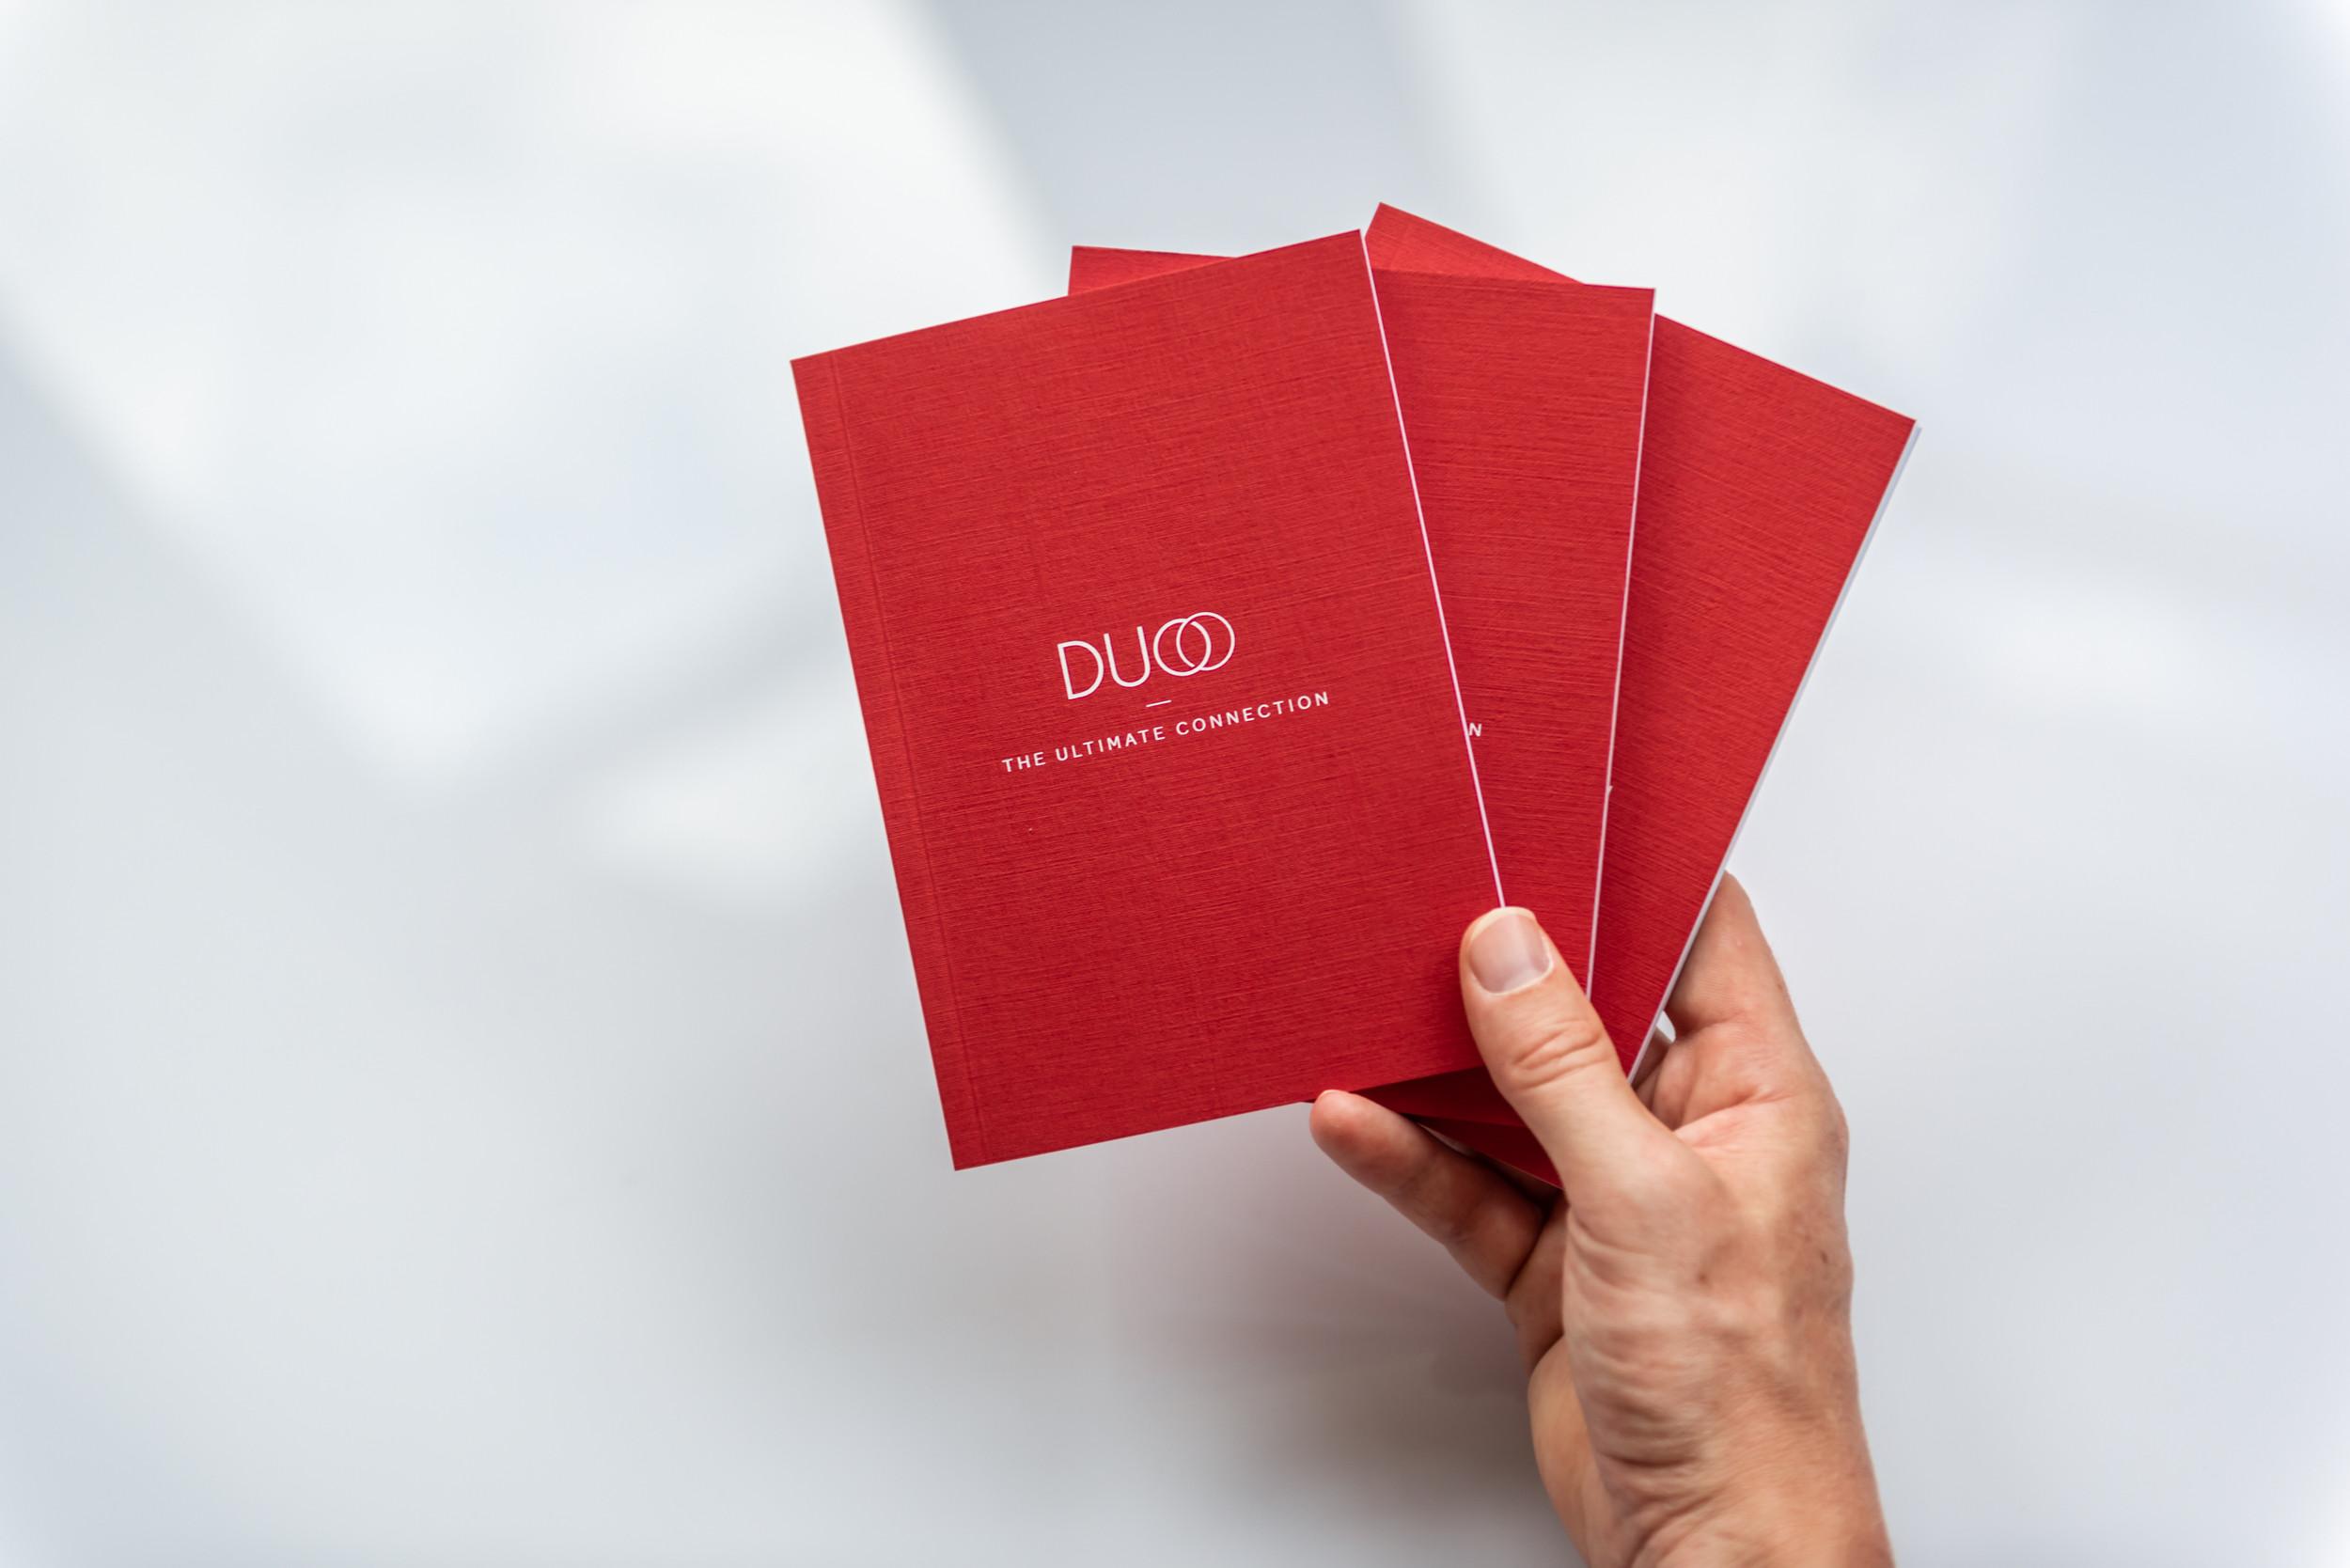 De brochure werd gedrukt op een papier met textuur